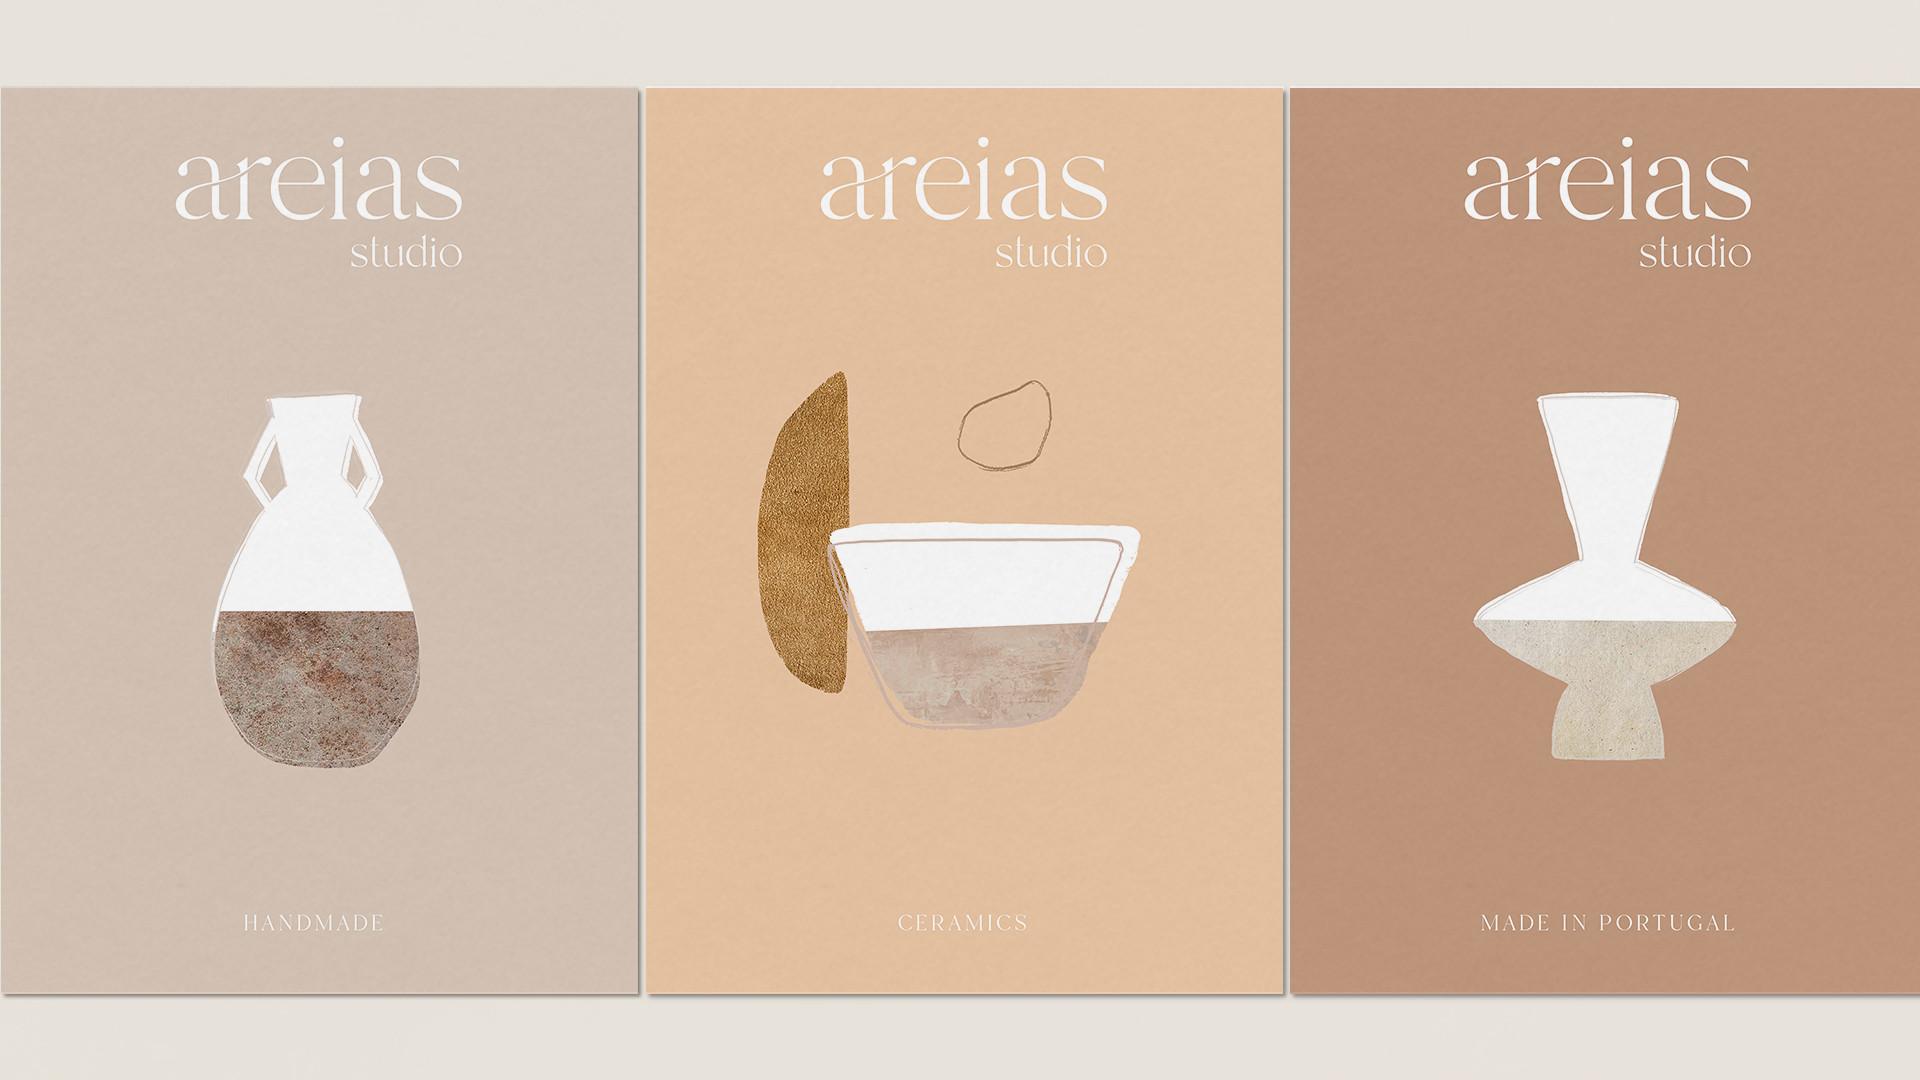 AREIAS STUDIO